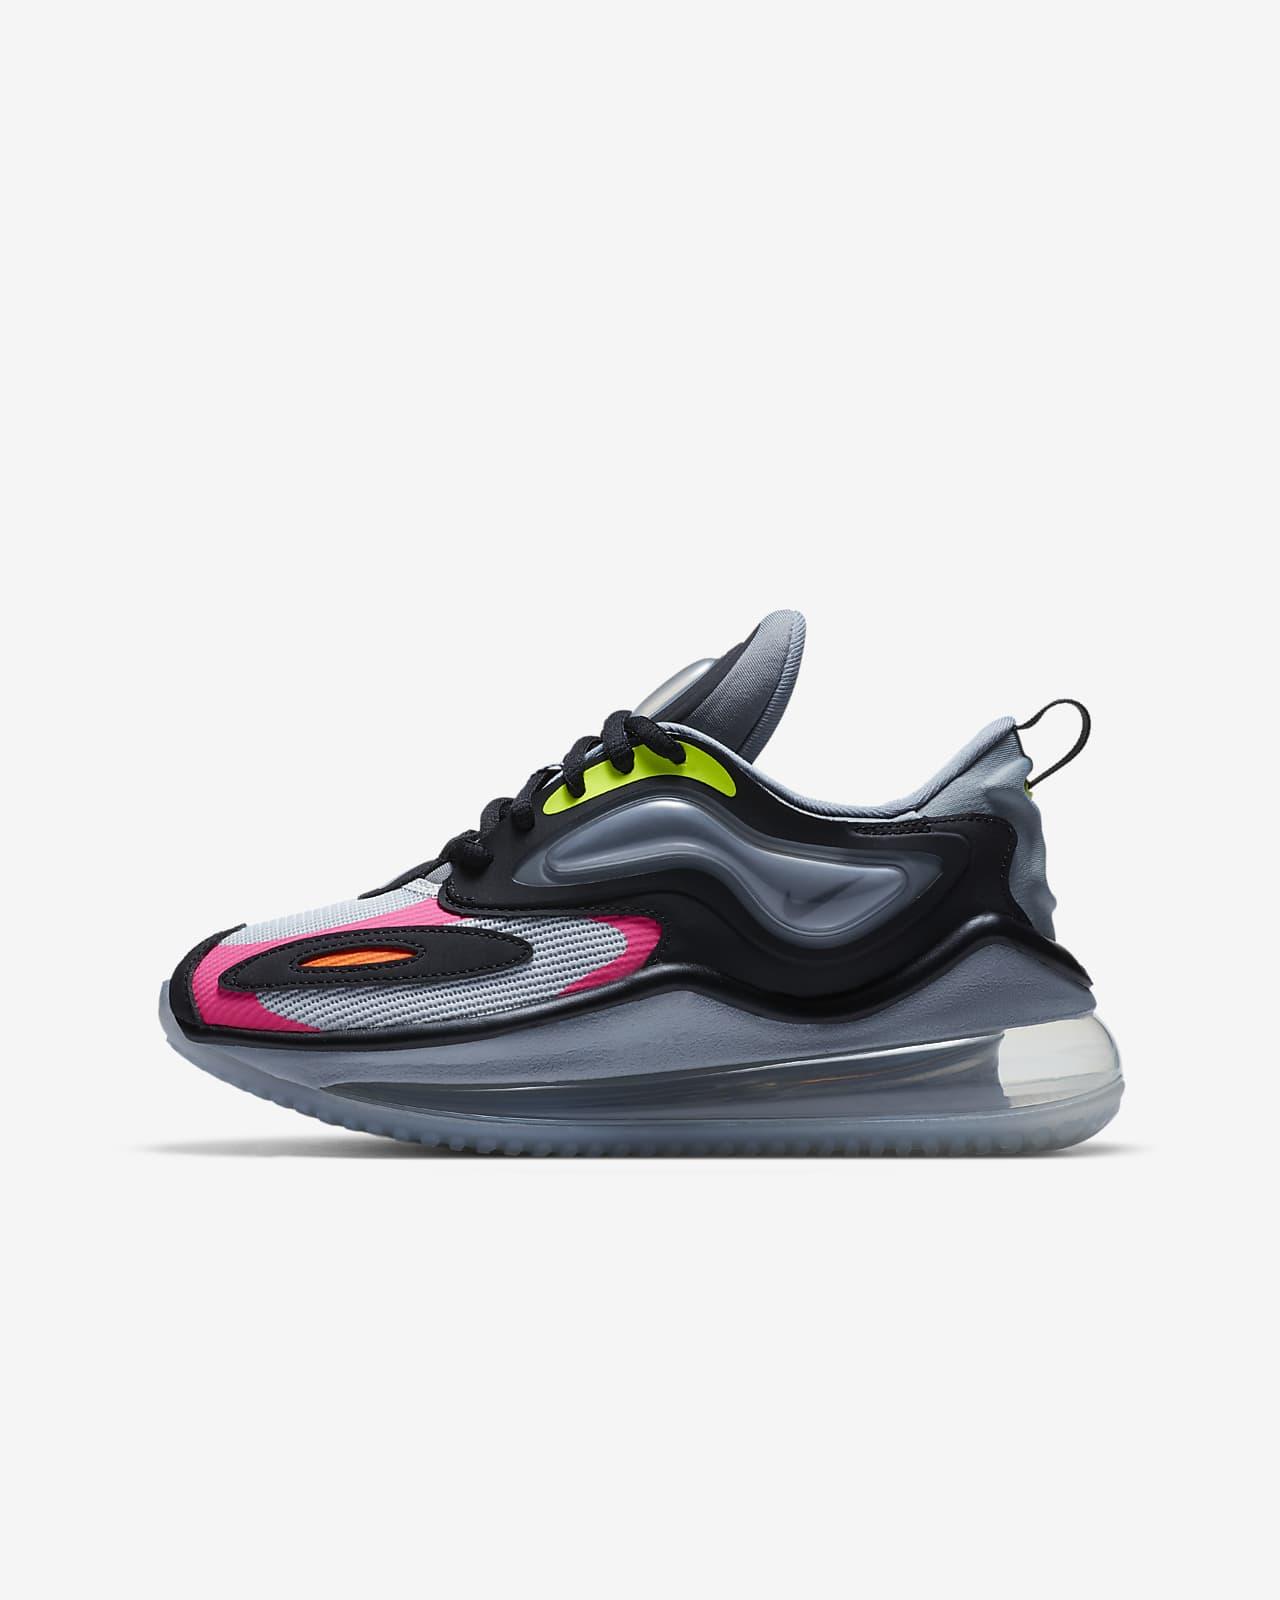 Nike Air Max Zephyr Older Kids' Shoe